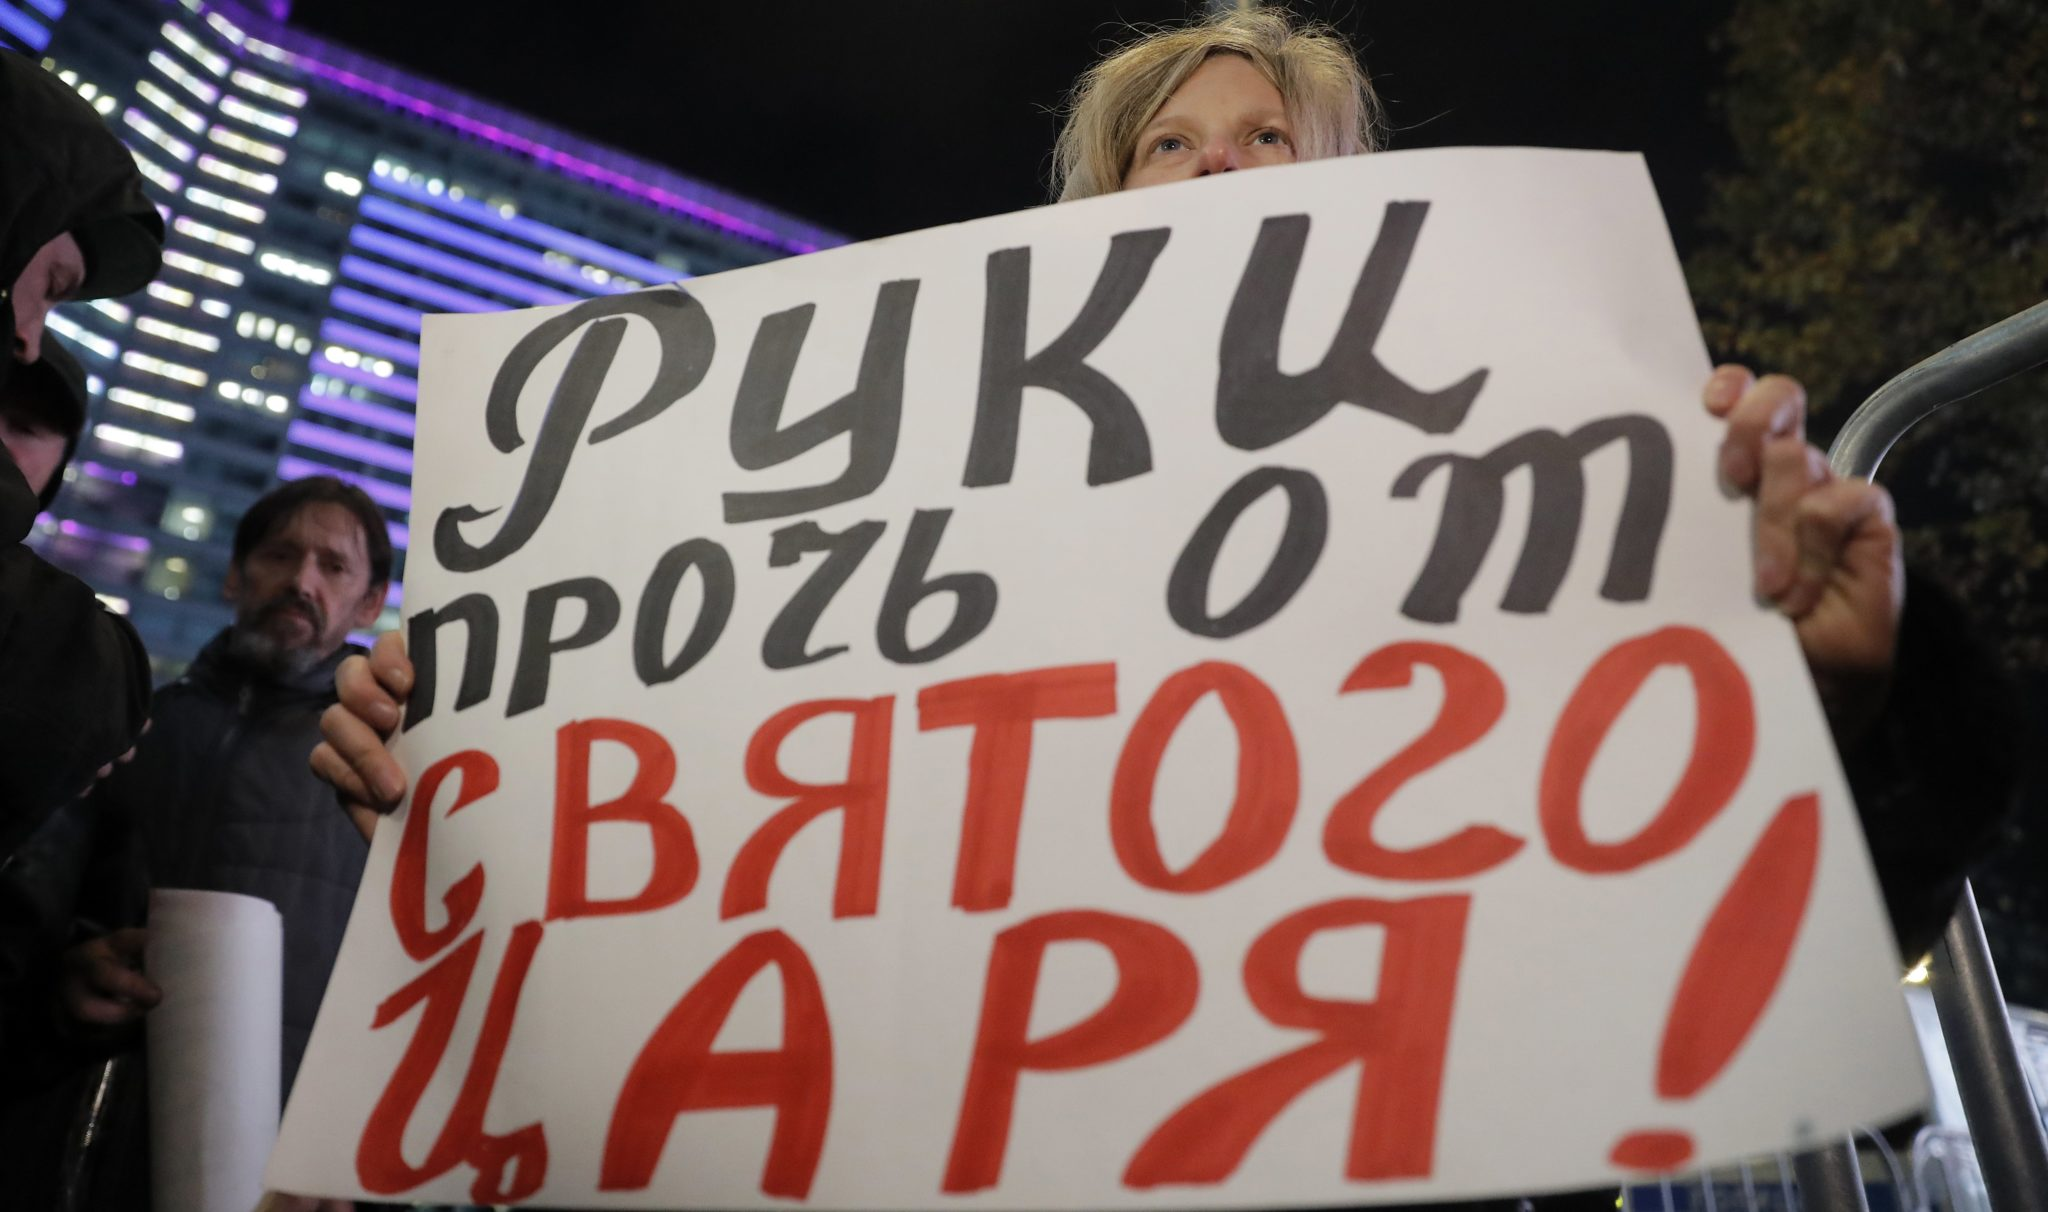 """Protest przeciwko dystrybucji filmu """"Matylda"""". Na transparencie: """"ręce precz od świętego cara"""". Produkcję filmu wspierał Kreml. Tytułowa Matylda - Matylda Krzesińska -  tma swoje skromne miejsce whistorii Rosji. Była kochanką przyszłego cara Mikołaja II, ich romans wspierali nawet jego rodzice. Dlatego film wywołał kontrowersje, fot: Sergei Ilnitsky, PAP/EPA"""